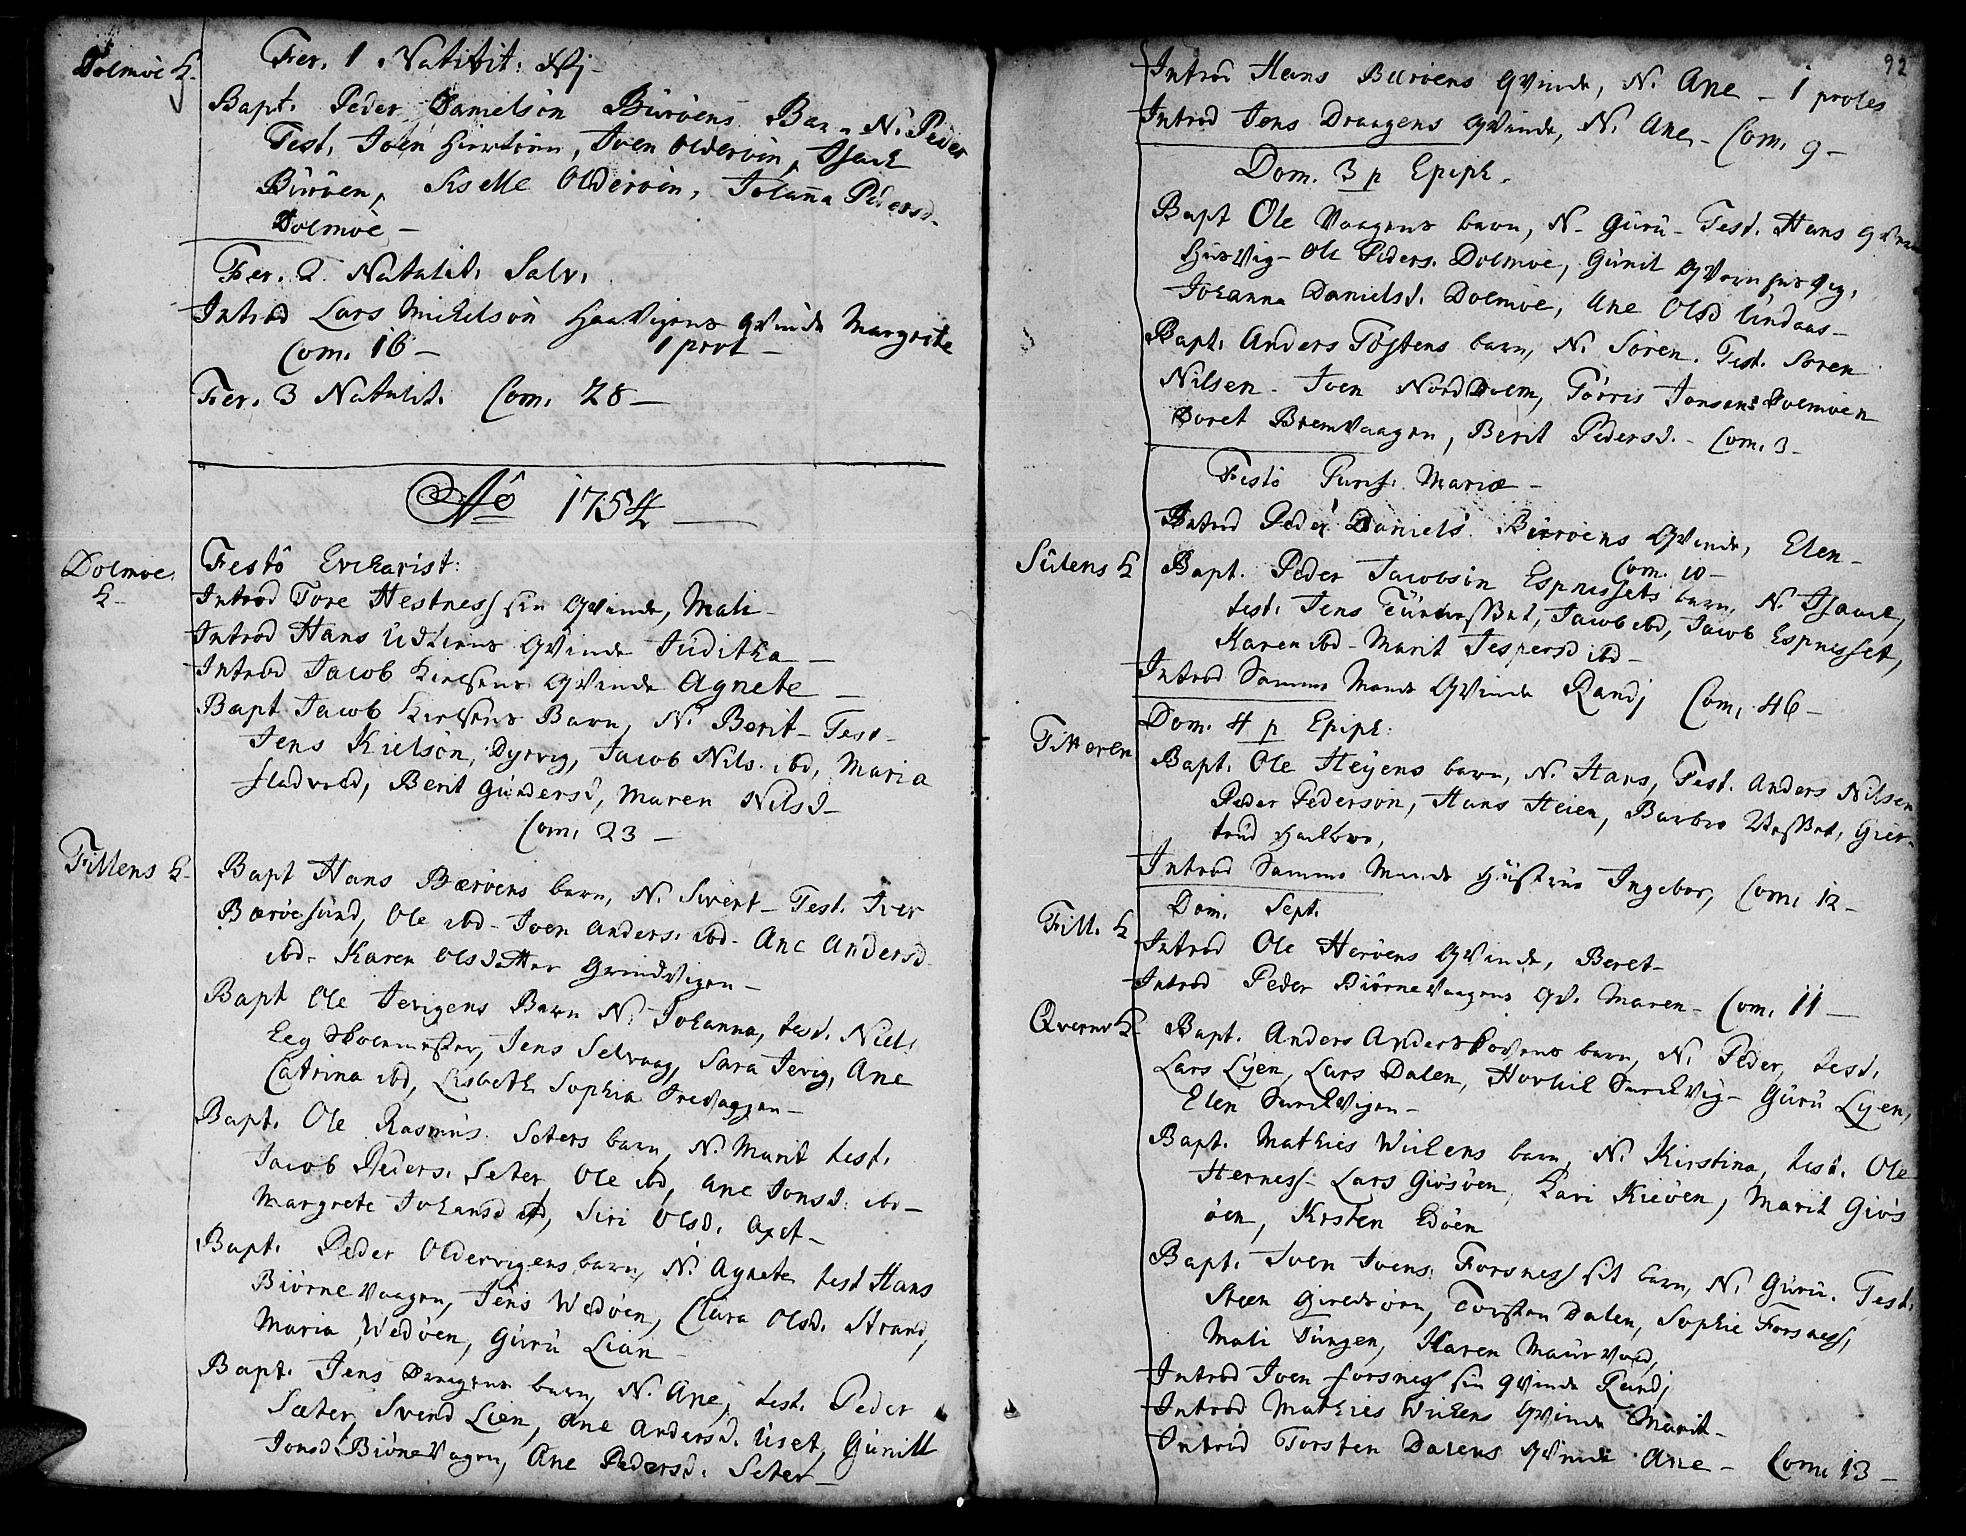 SAT, Ministerialprotokoller, klokkerbøker og fødselsregistre - Sør-Trøndelag, 634/L0525: Ministerialbok nr. 634A01, 1736-1775, s. 92